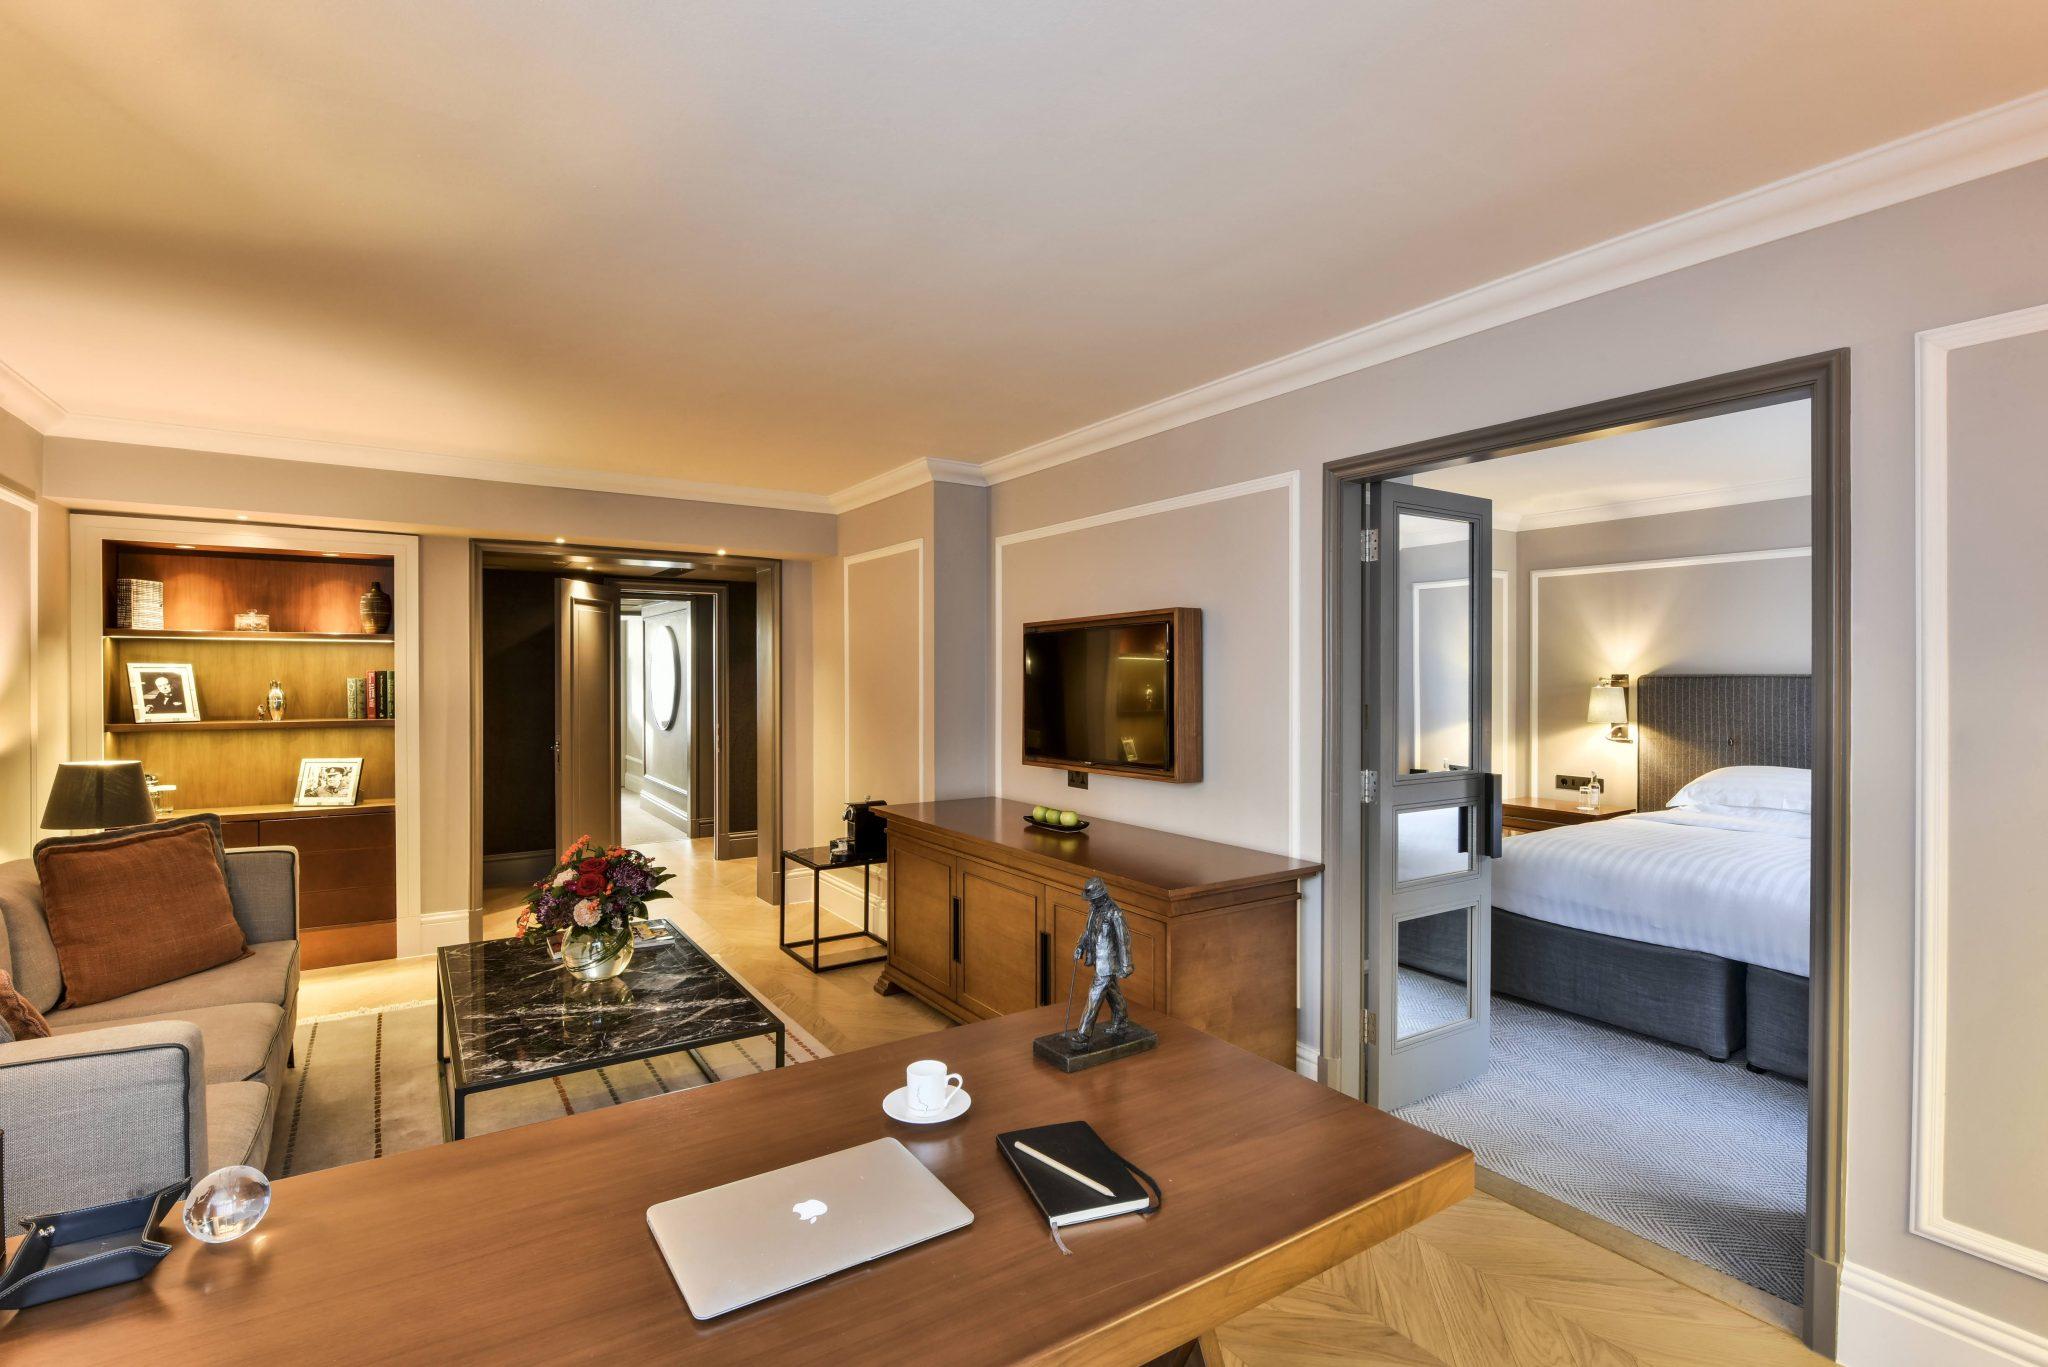 Hyatt-Regency-London-Churchill-Regency-Executive-Suite-Living-Bedroom